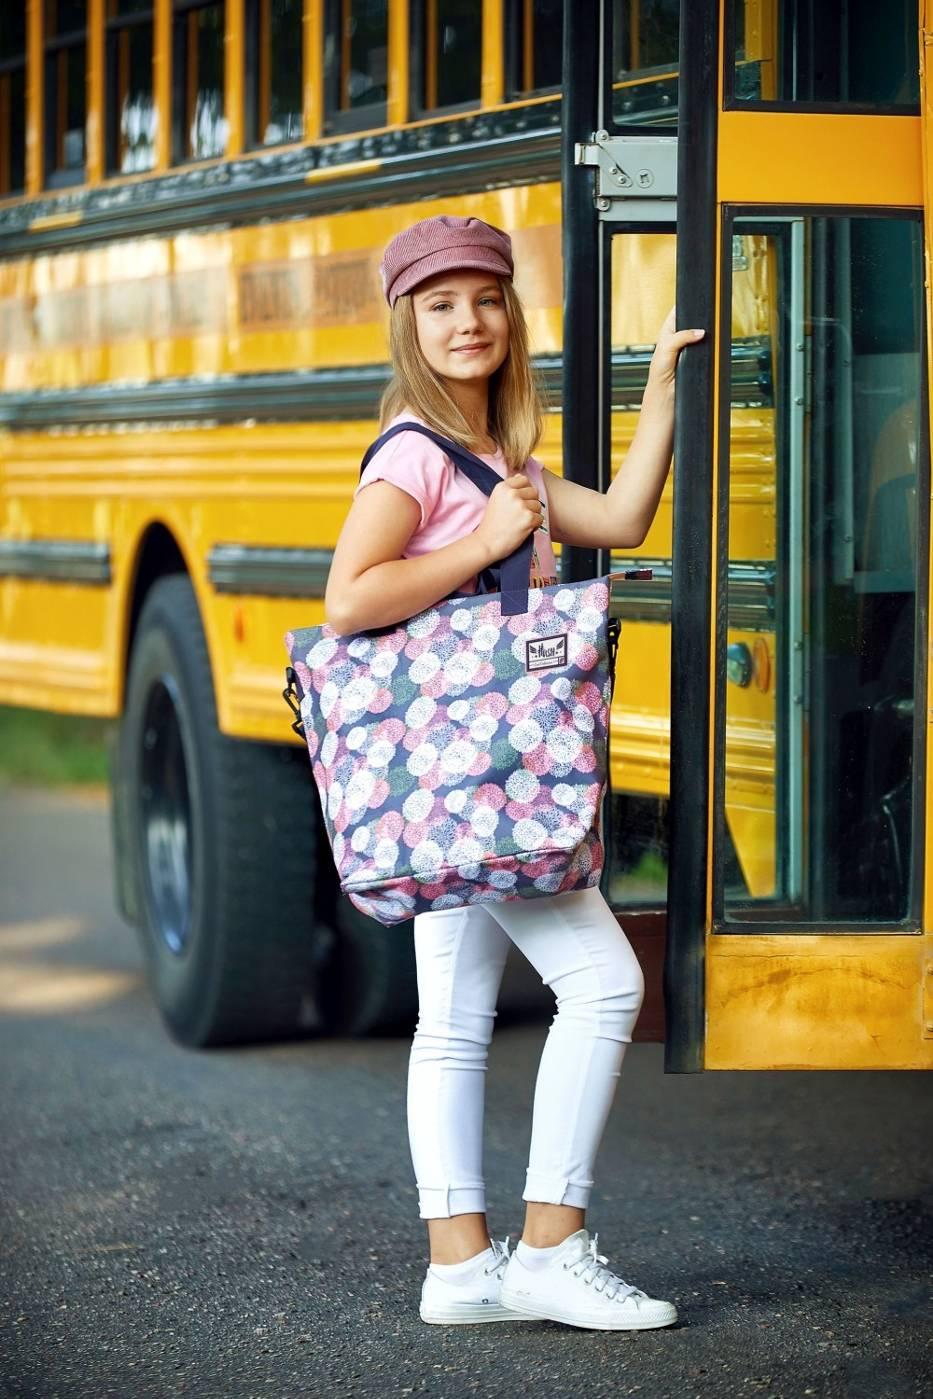 Na wakacje i do szkoły, czyli na co zwrócić uwagę kupując plecak?